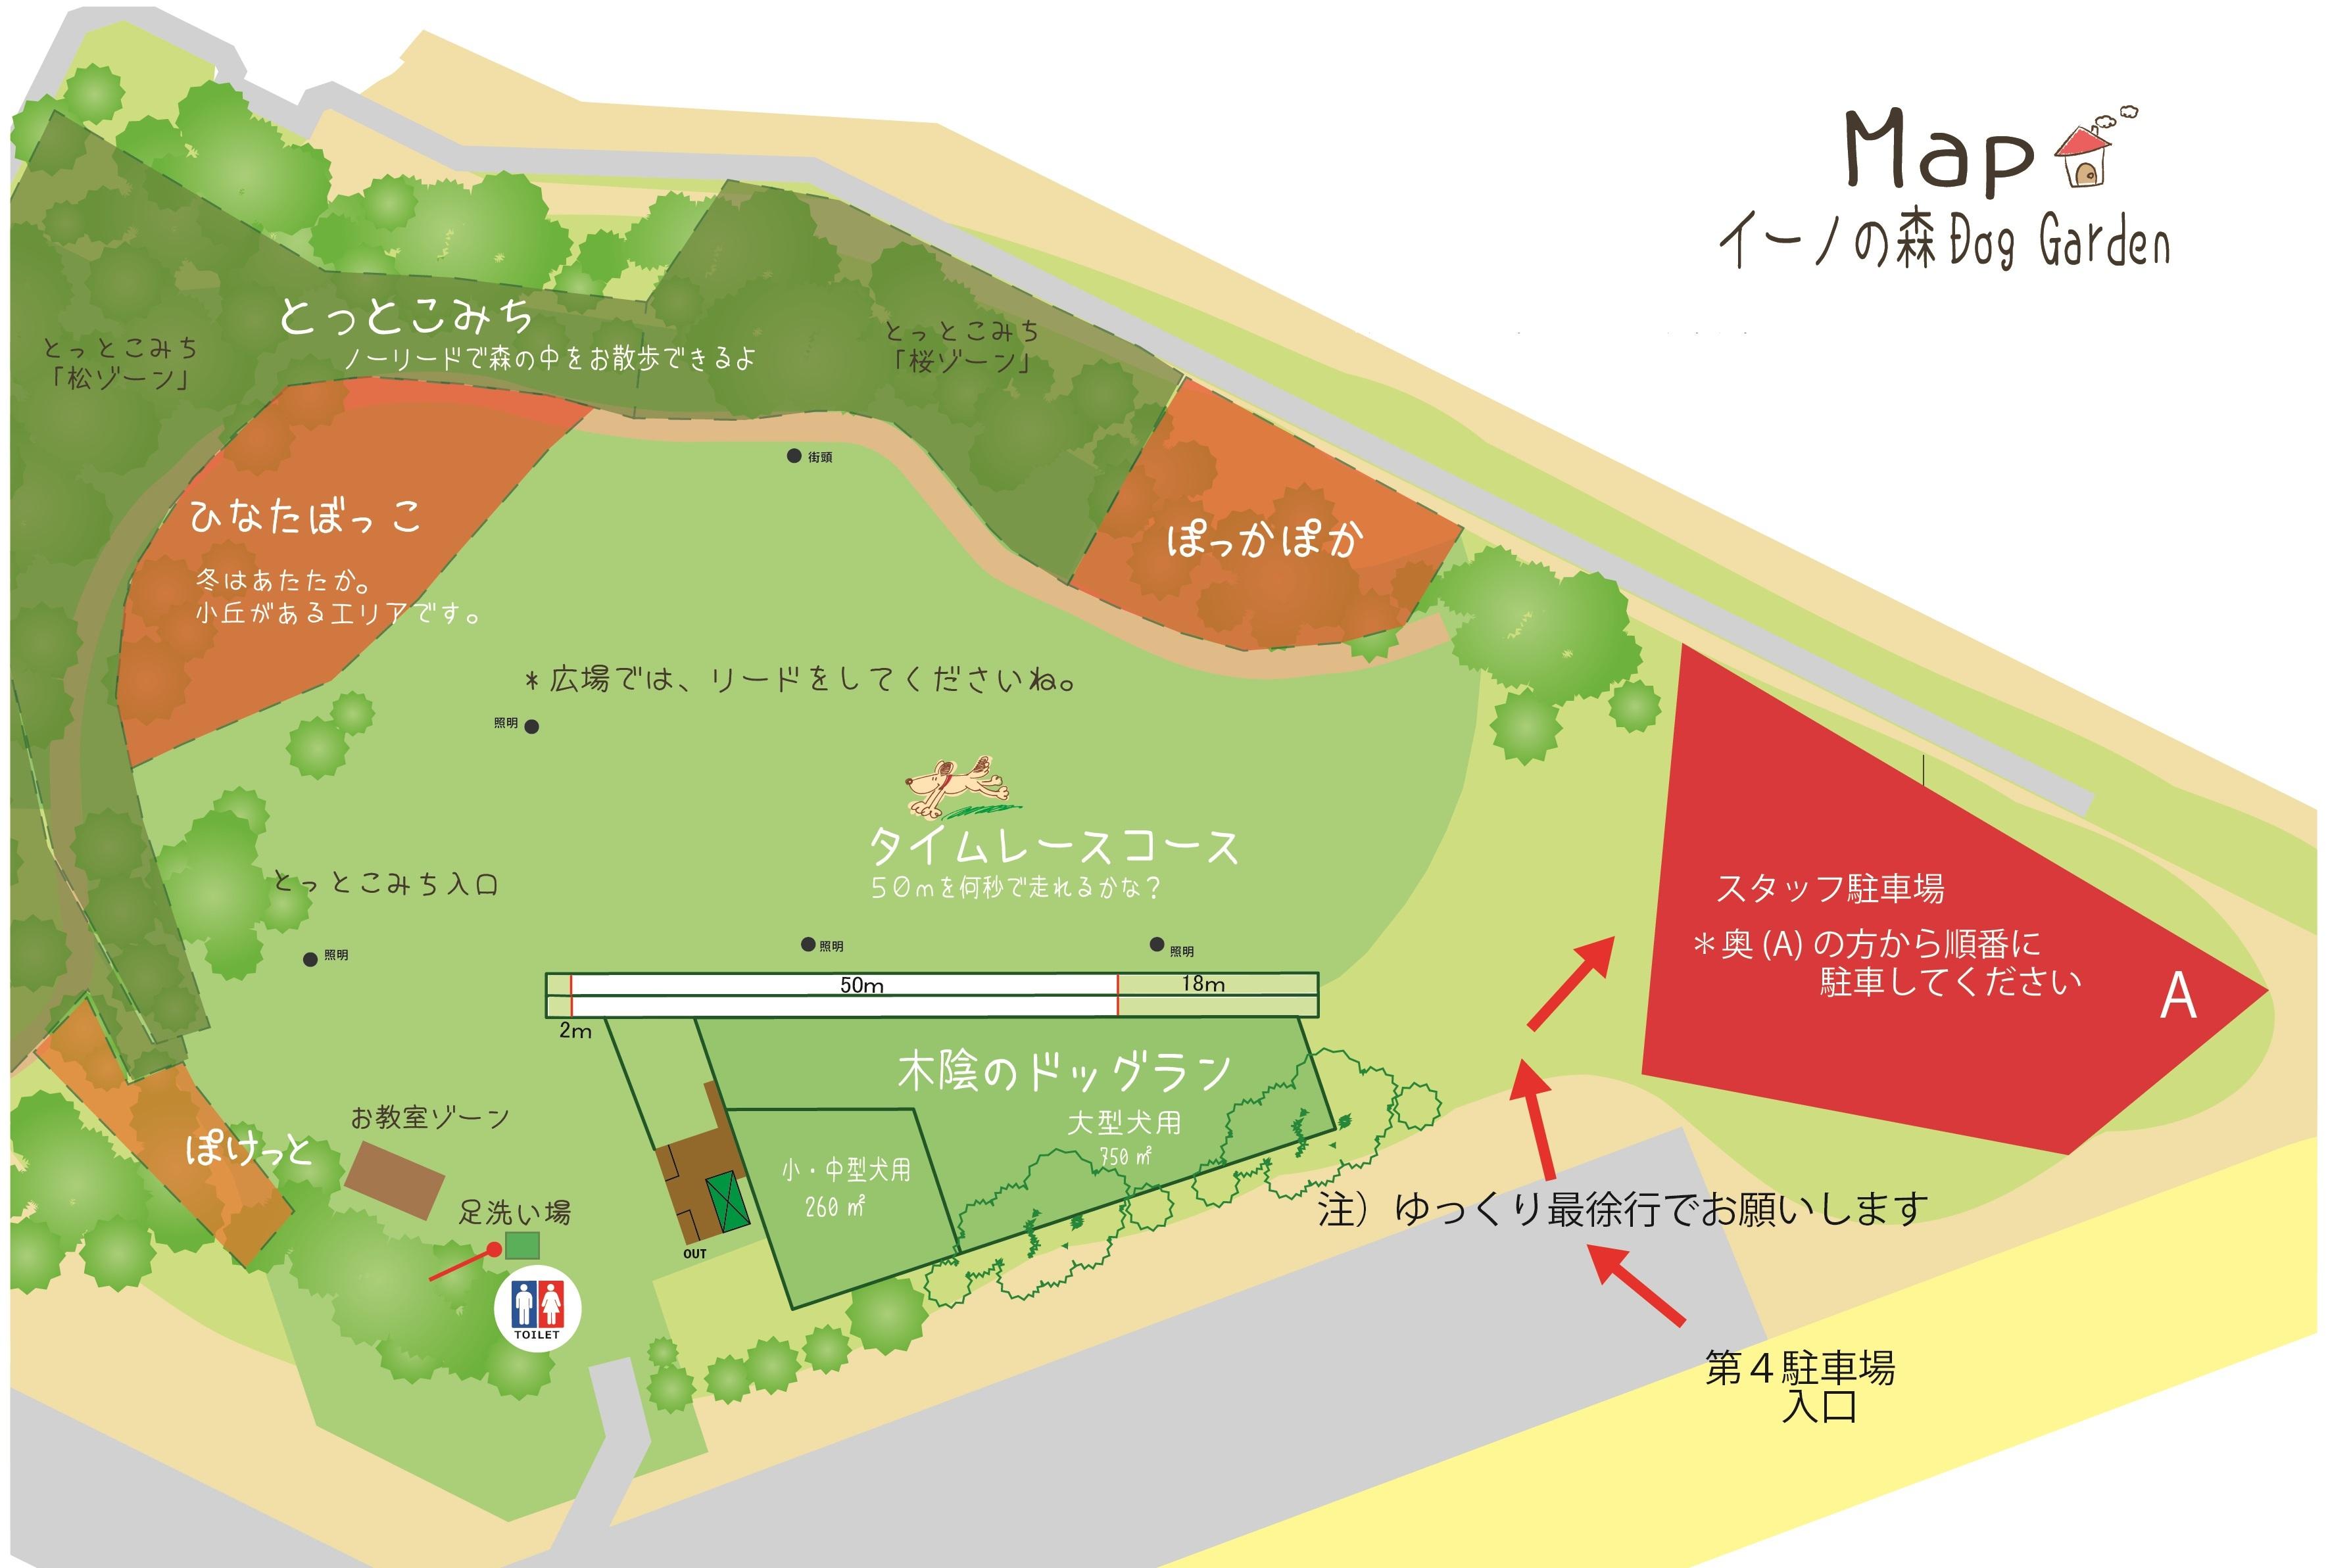 広場&スタッフ駐車エリアMAP